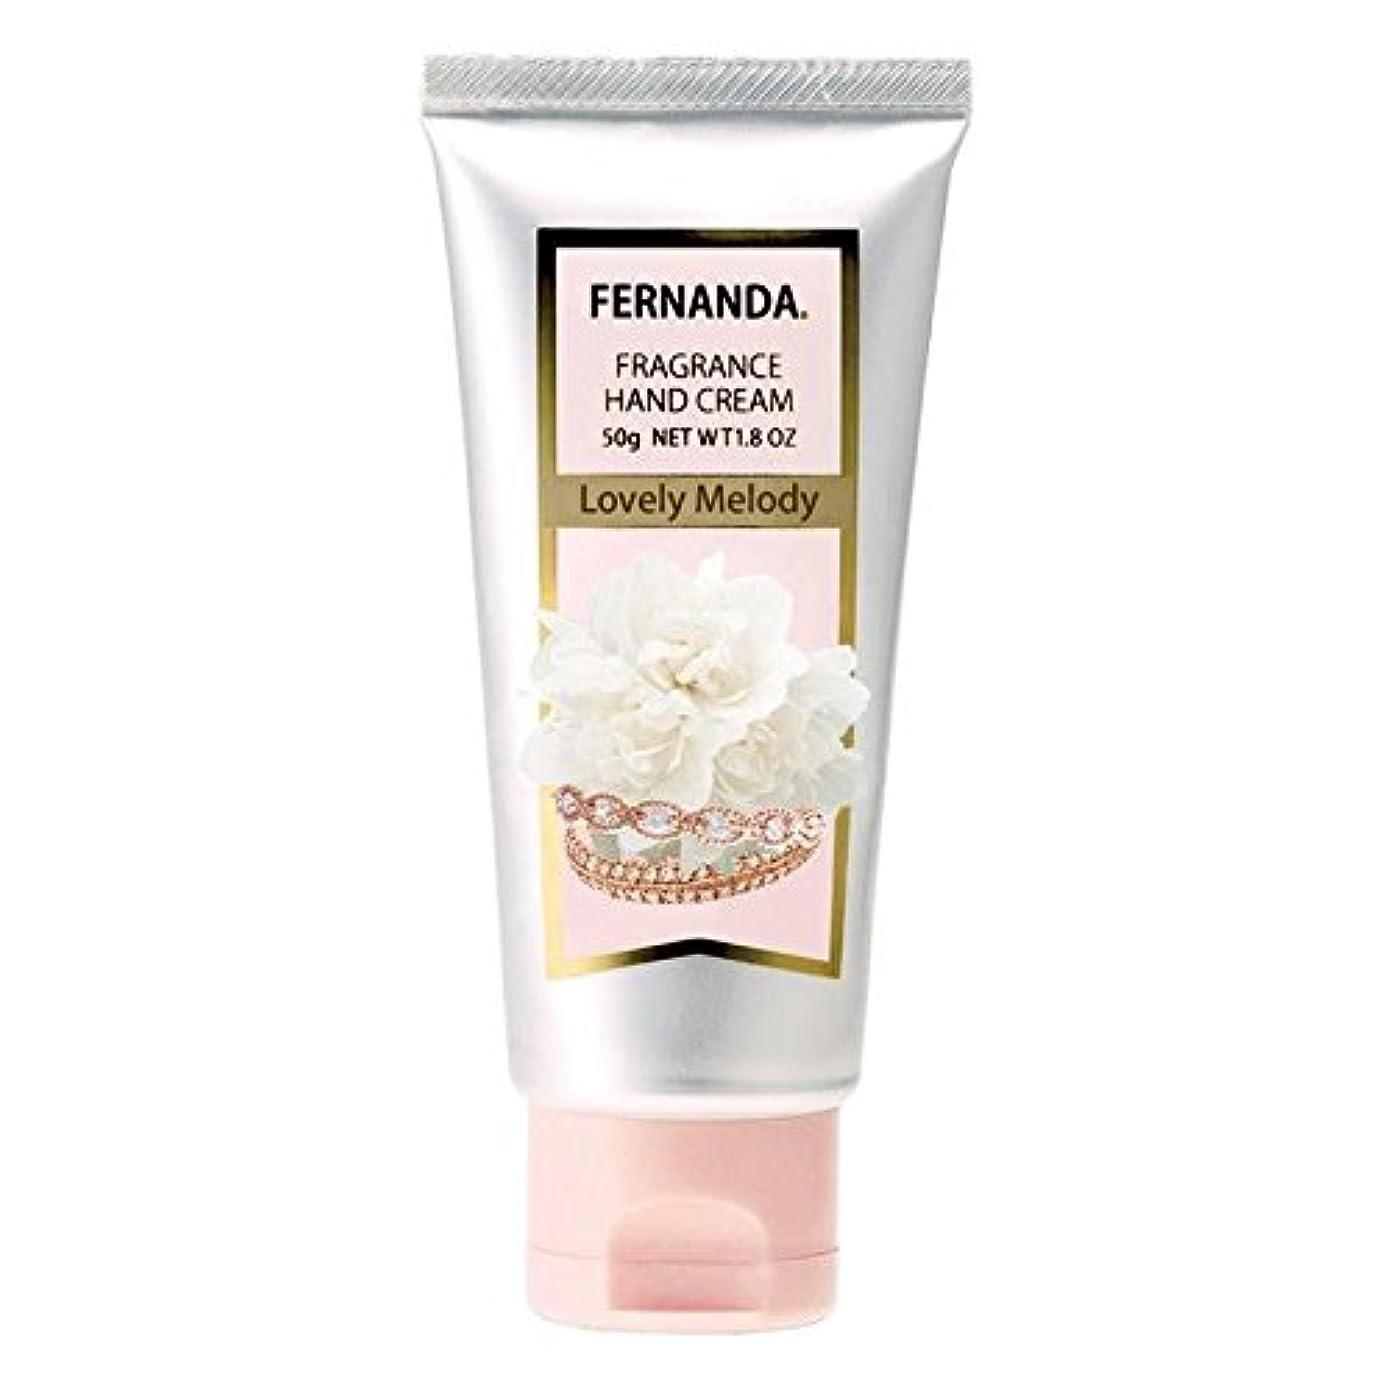 ラビリンスギャラントリー地元FERNANDA(フェルナンダ) Hand Cream Lovely Melody(ハンドクリーム ラブリーメロディー)